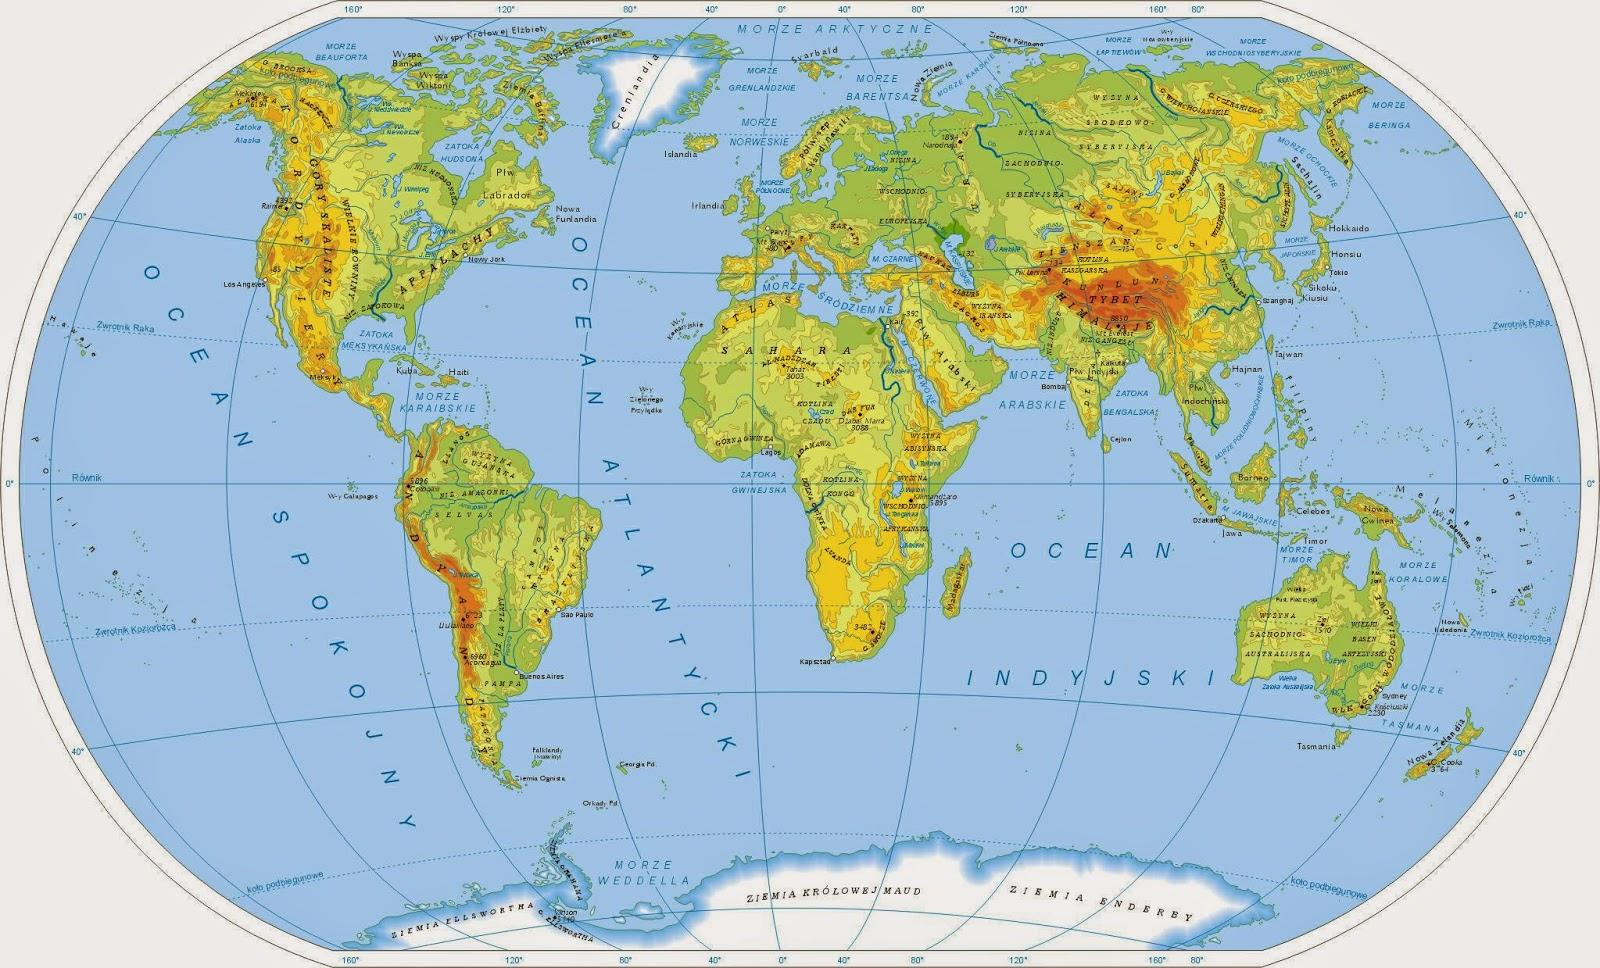 Znalezione obrazy dla zapytania konkurs geograficzny